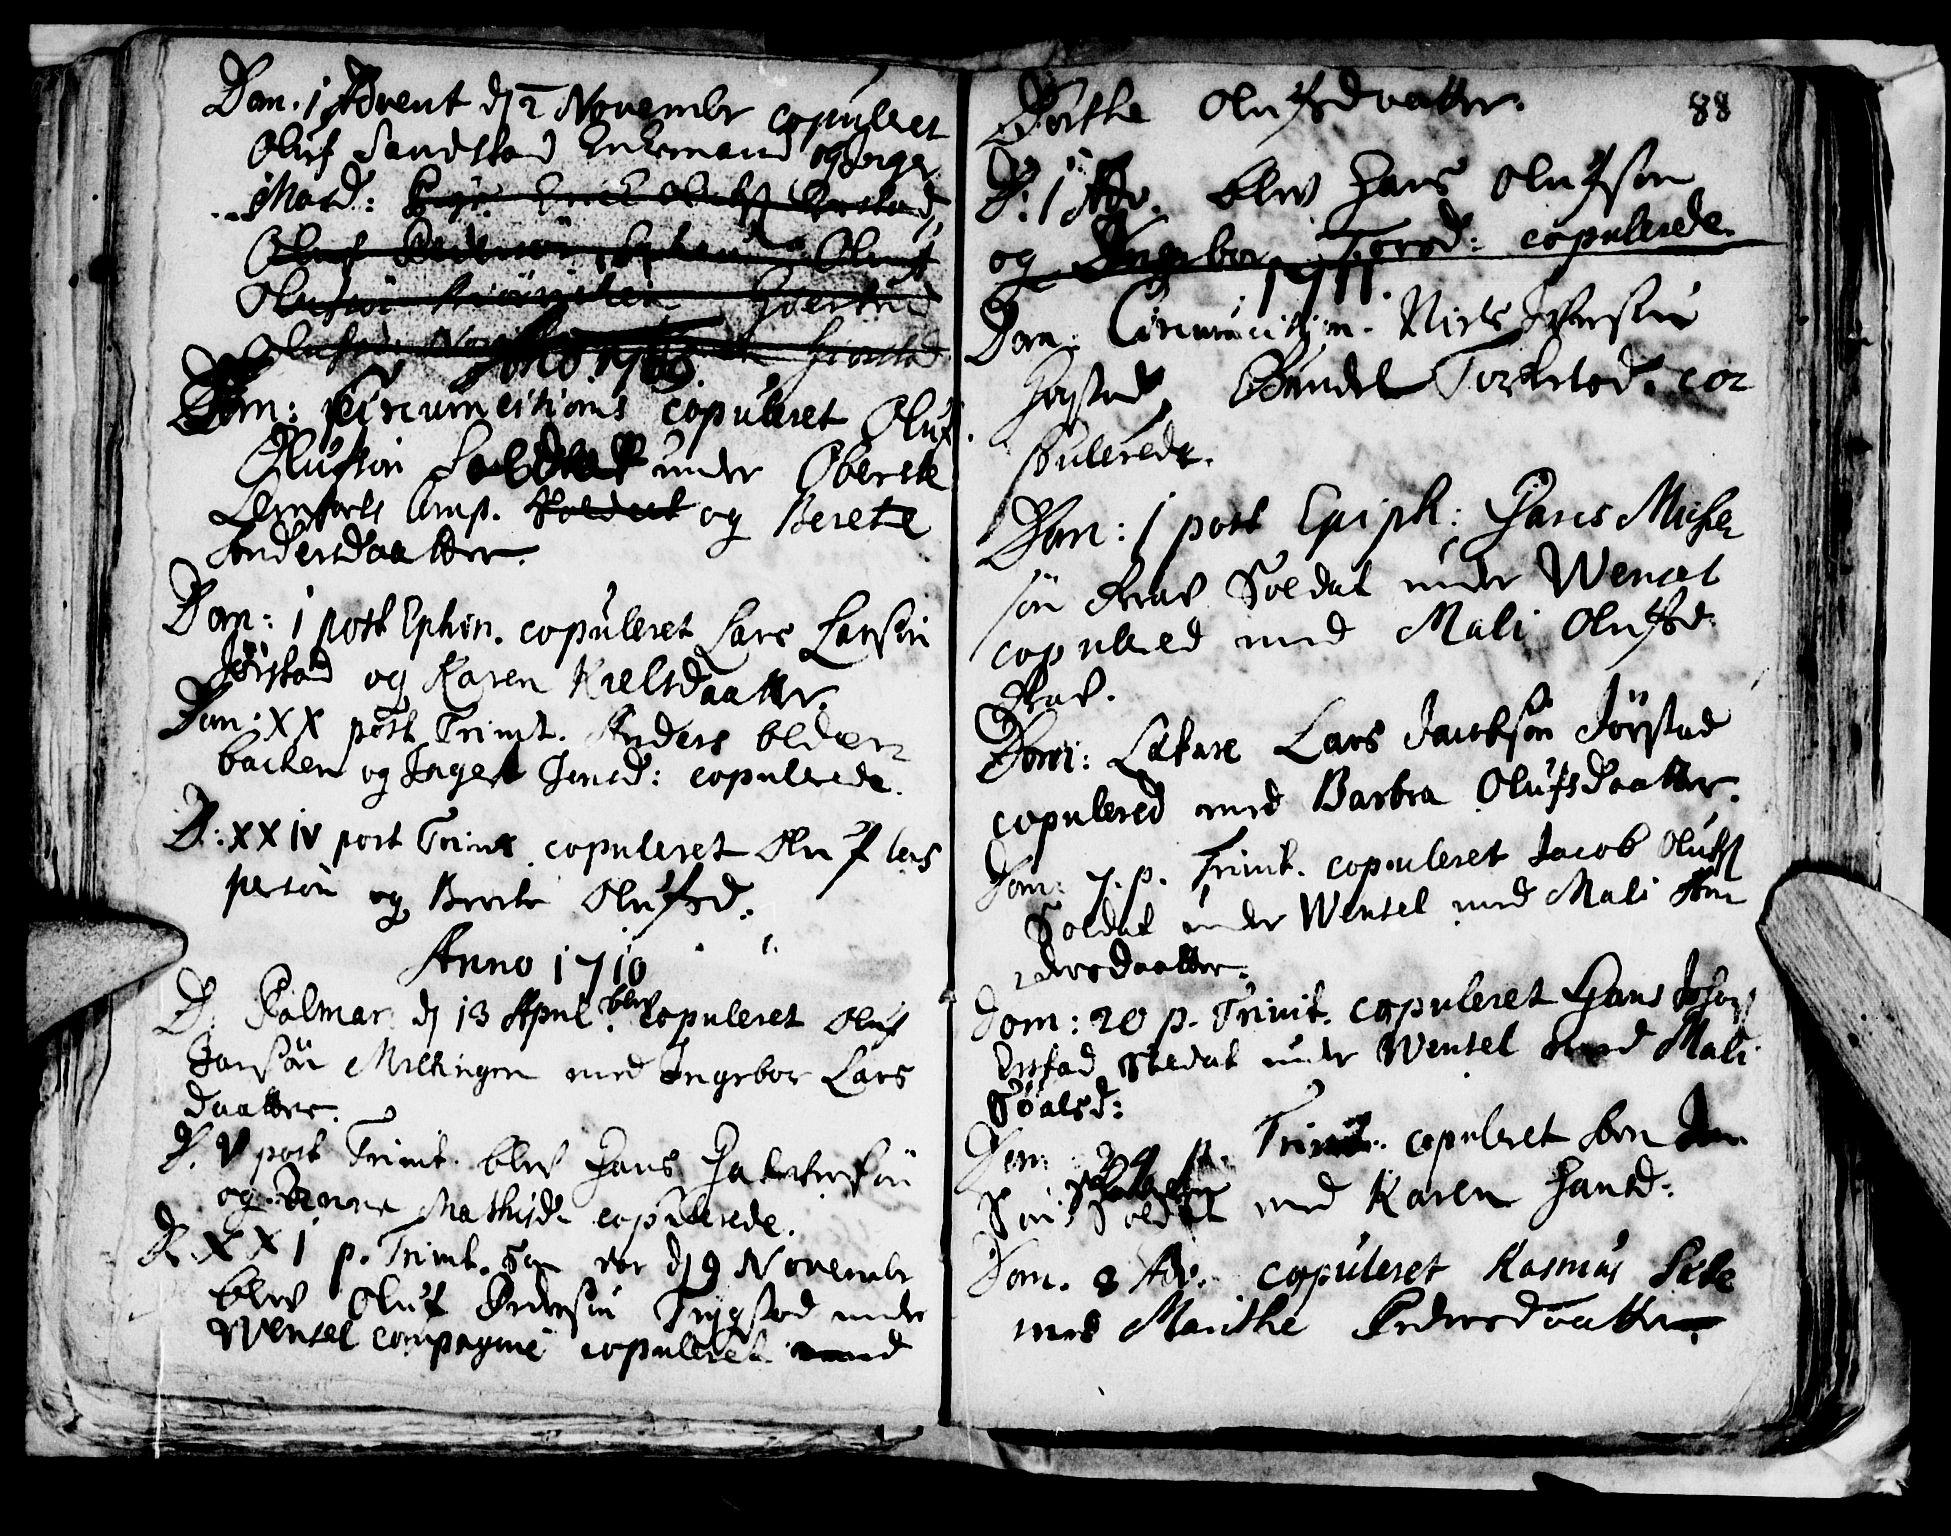 SAT, Ministerialprotokoller, klokkerbøker og fødselsregistre - Nord-Trøndelag, 722/L0214: Ministerialbok nr. 722A01, 1692-1718, s. 88